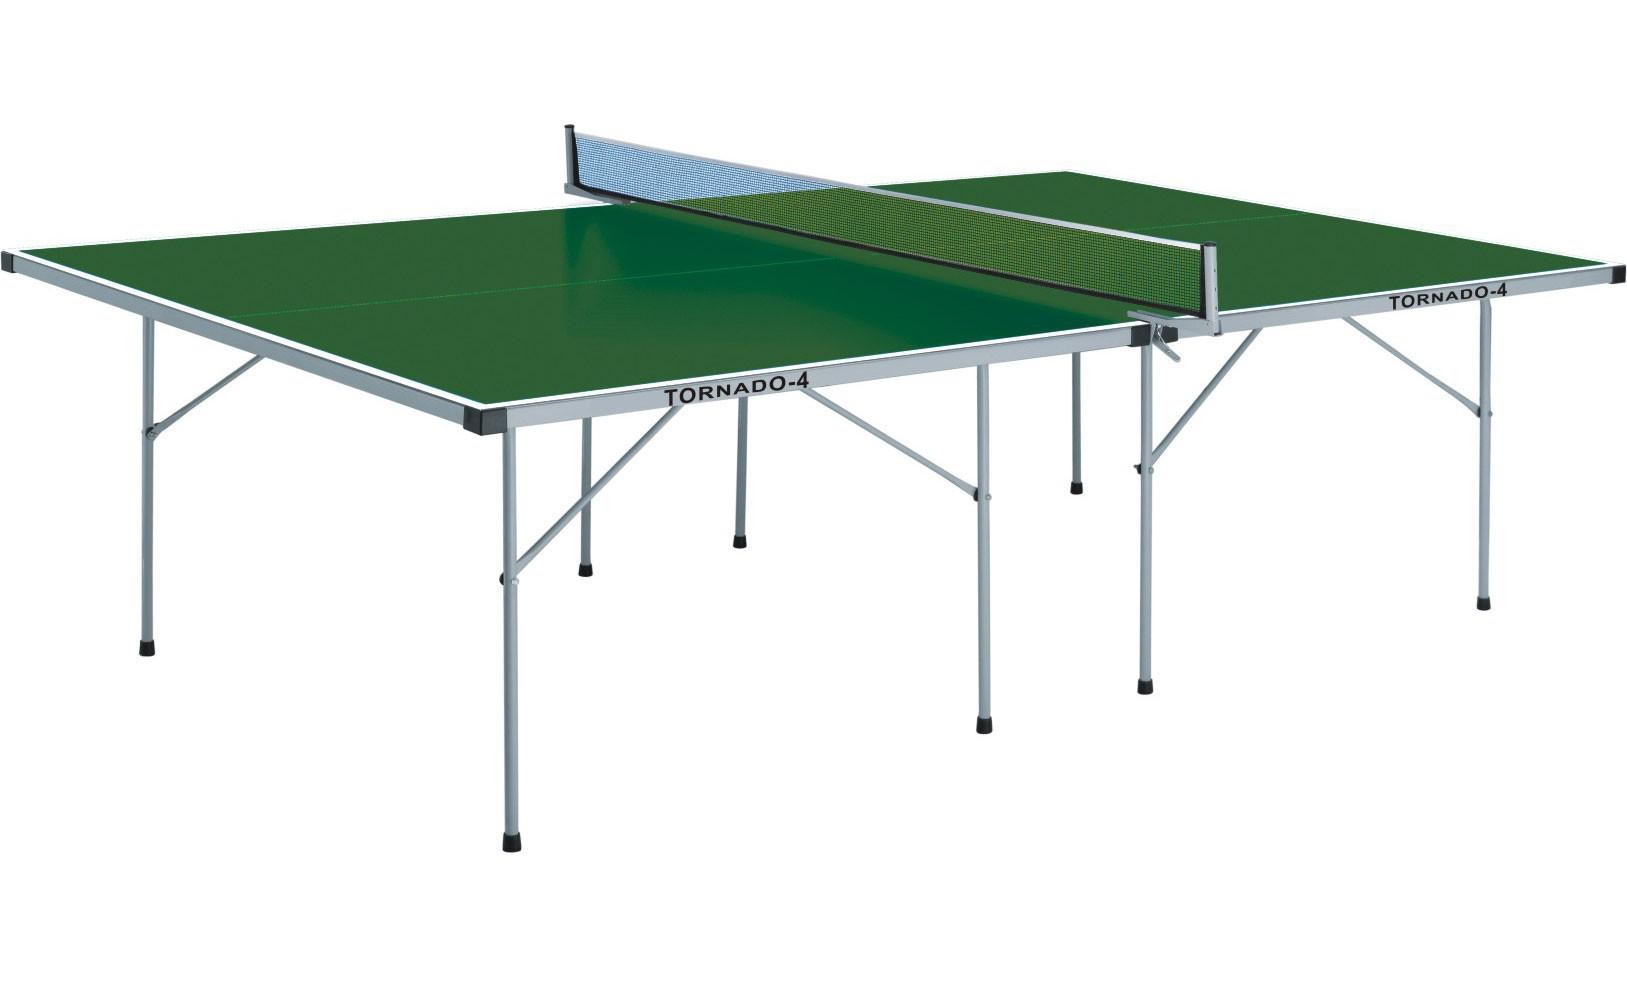 Арт. - Всепогодный теннисный стол Donic TORNADO-4 зеленый, 23990 рублей<a class='btn btn-primary btn-xs' style='margin-left:7px;' href='https://relaxtorg.ru/Vsepogodnyy-tennisnyy-stol-Donic-TORNADO-4-zelenyy '> Cмотреть </a>